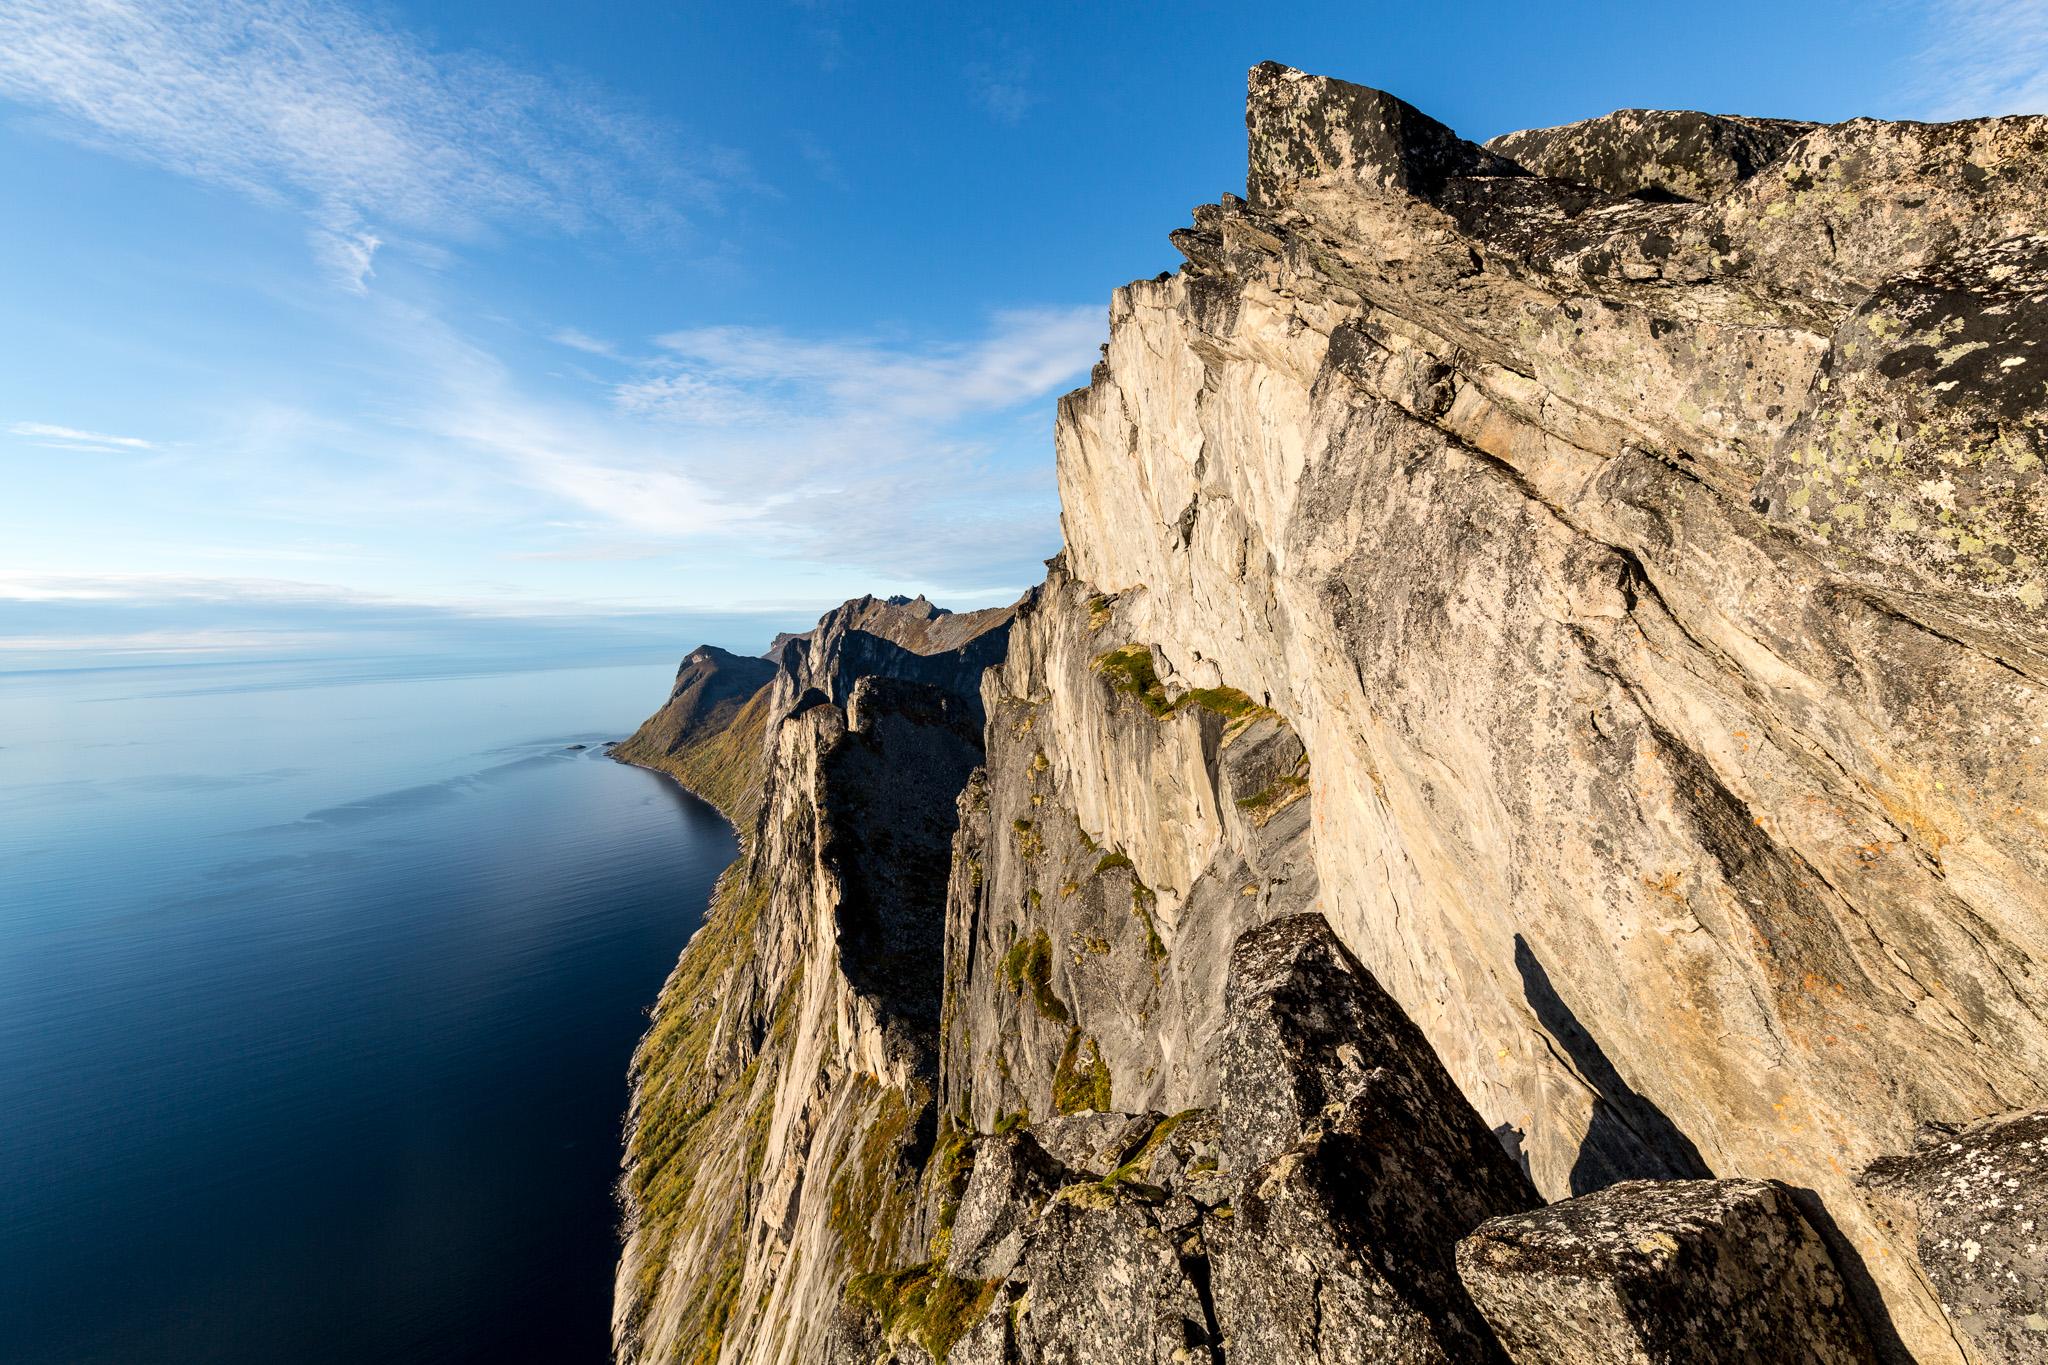 Toppen av Segla er det høyeste punktet her. Bildet er tatt litt før og nedenfor toppen. Det går rett og slett loddrett ned i havet her!